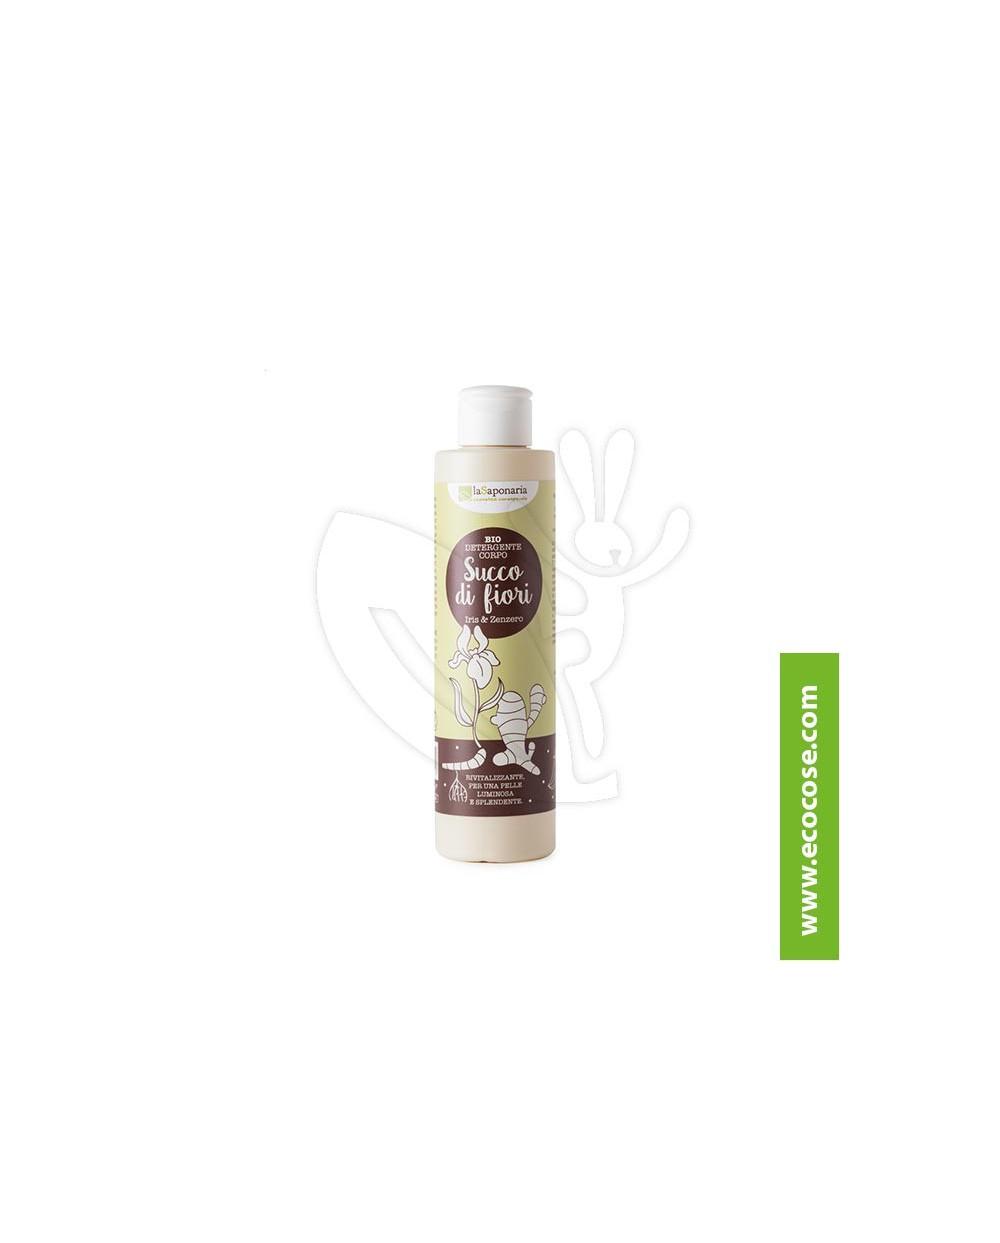 La Saponaria - Radici - Detergente corpo Iris e Zenzero – Succo di fiori